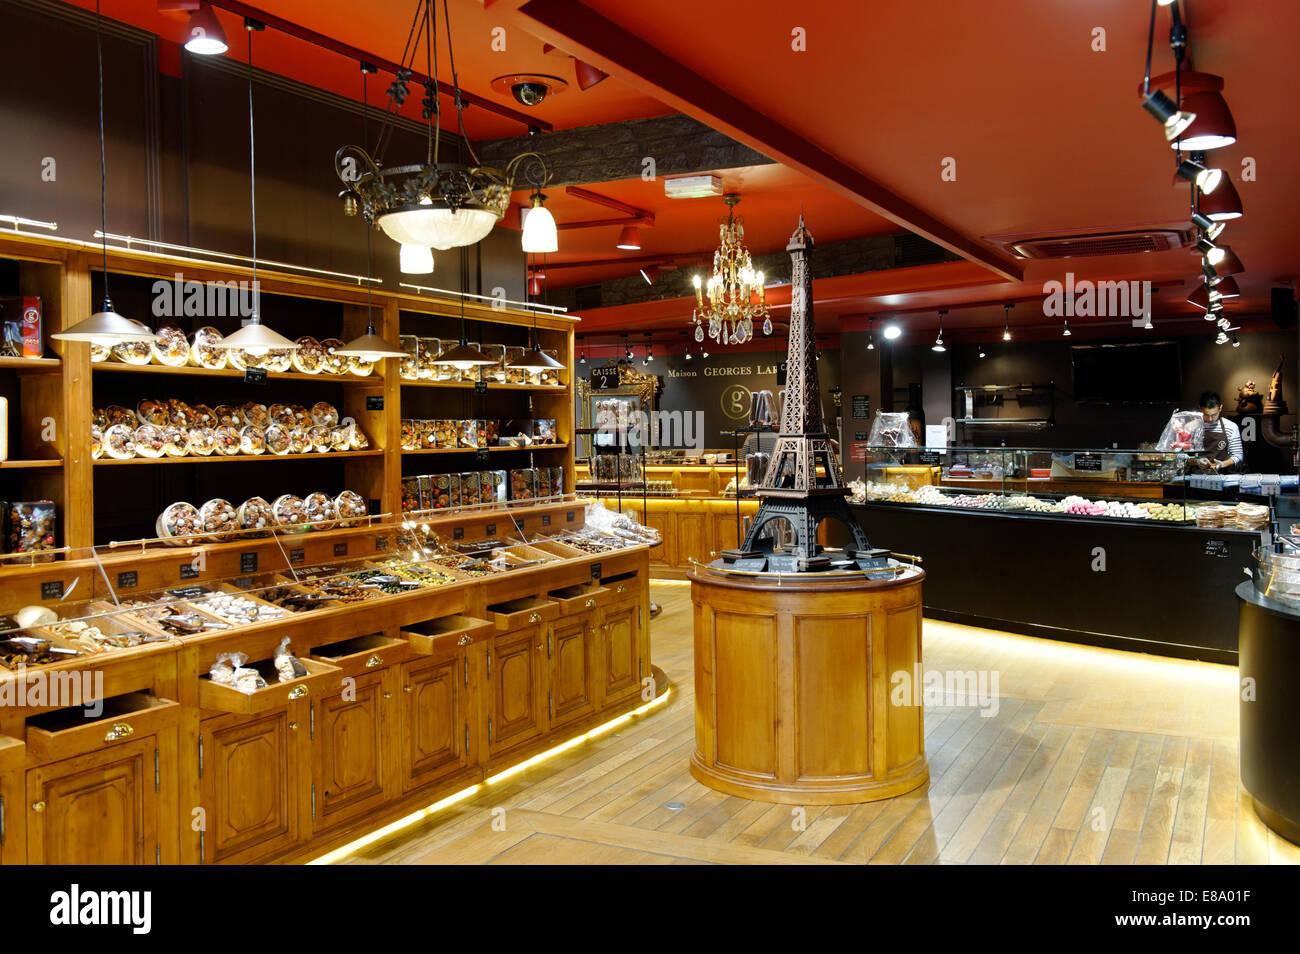 Chocolate Shop Stock Photos & Chocolate Shop Stock Images - Alamy